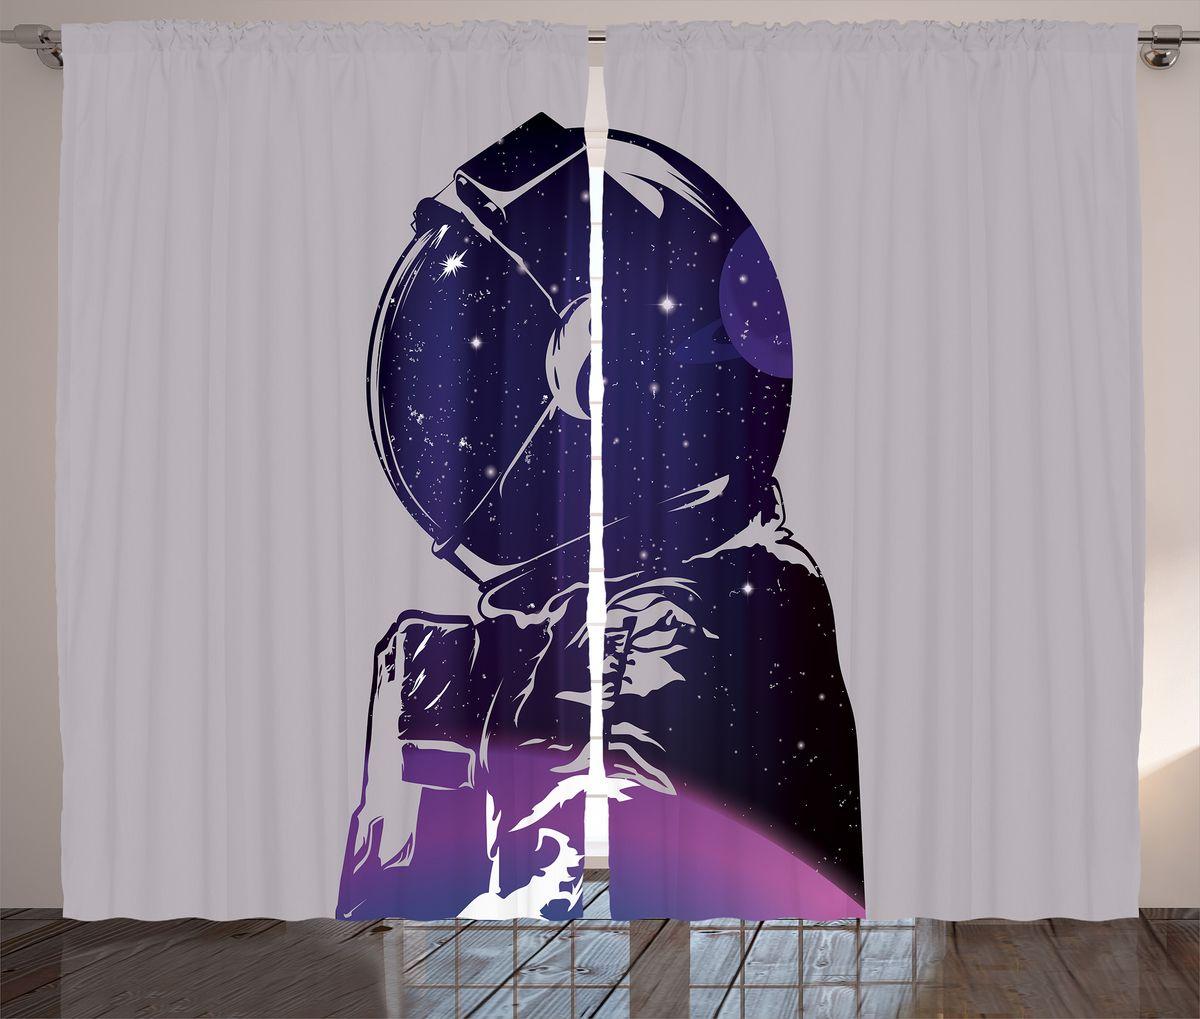 Комплект фотоштор Magic Lady Силуэт космонавта с планетой и звездами, на ленте, высота 265 см. шсг_1993821371Компания Сэмболь изготавливает шторы из высококачественного сатена (полиэстер 100%). При изготовлении используются специальные гипоаллергенные чернила для прямой печати по ткани, безопасные для человека и животных. Экологичность продукции Magic lady и безопасность для окружающей среды подтверждены сертификатом Oeko-Tex Standard 100. Крепление: крючки для крепления на шторной ленте (50 шт). Возможно крепление на трубу. Внимание! При нанесении сублимационной печати на ткань технологическим методом при температуре 240°С, возможно отклонение полученных размеров (указанных на этикетке и сайте) от стандартных на + - 3-5 см. Производитель старается максимально точно передать цвета изделия на фотографиях, однако искажения неизбежны и фактический цвет изделия может отличаться от воспринимаемого по фото. Обратите внимание! Шторы изготовлены из полиэстра сатенового переплетения, а не из сатина (хлопок). Размер одного полотна шторы: 145х265 см. В комплекте 2 полотна шторы и 50 крючков.